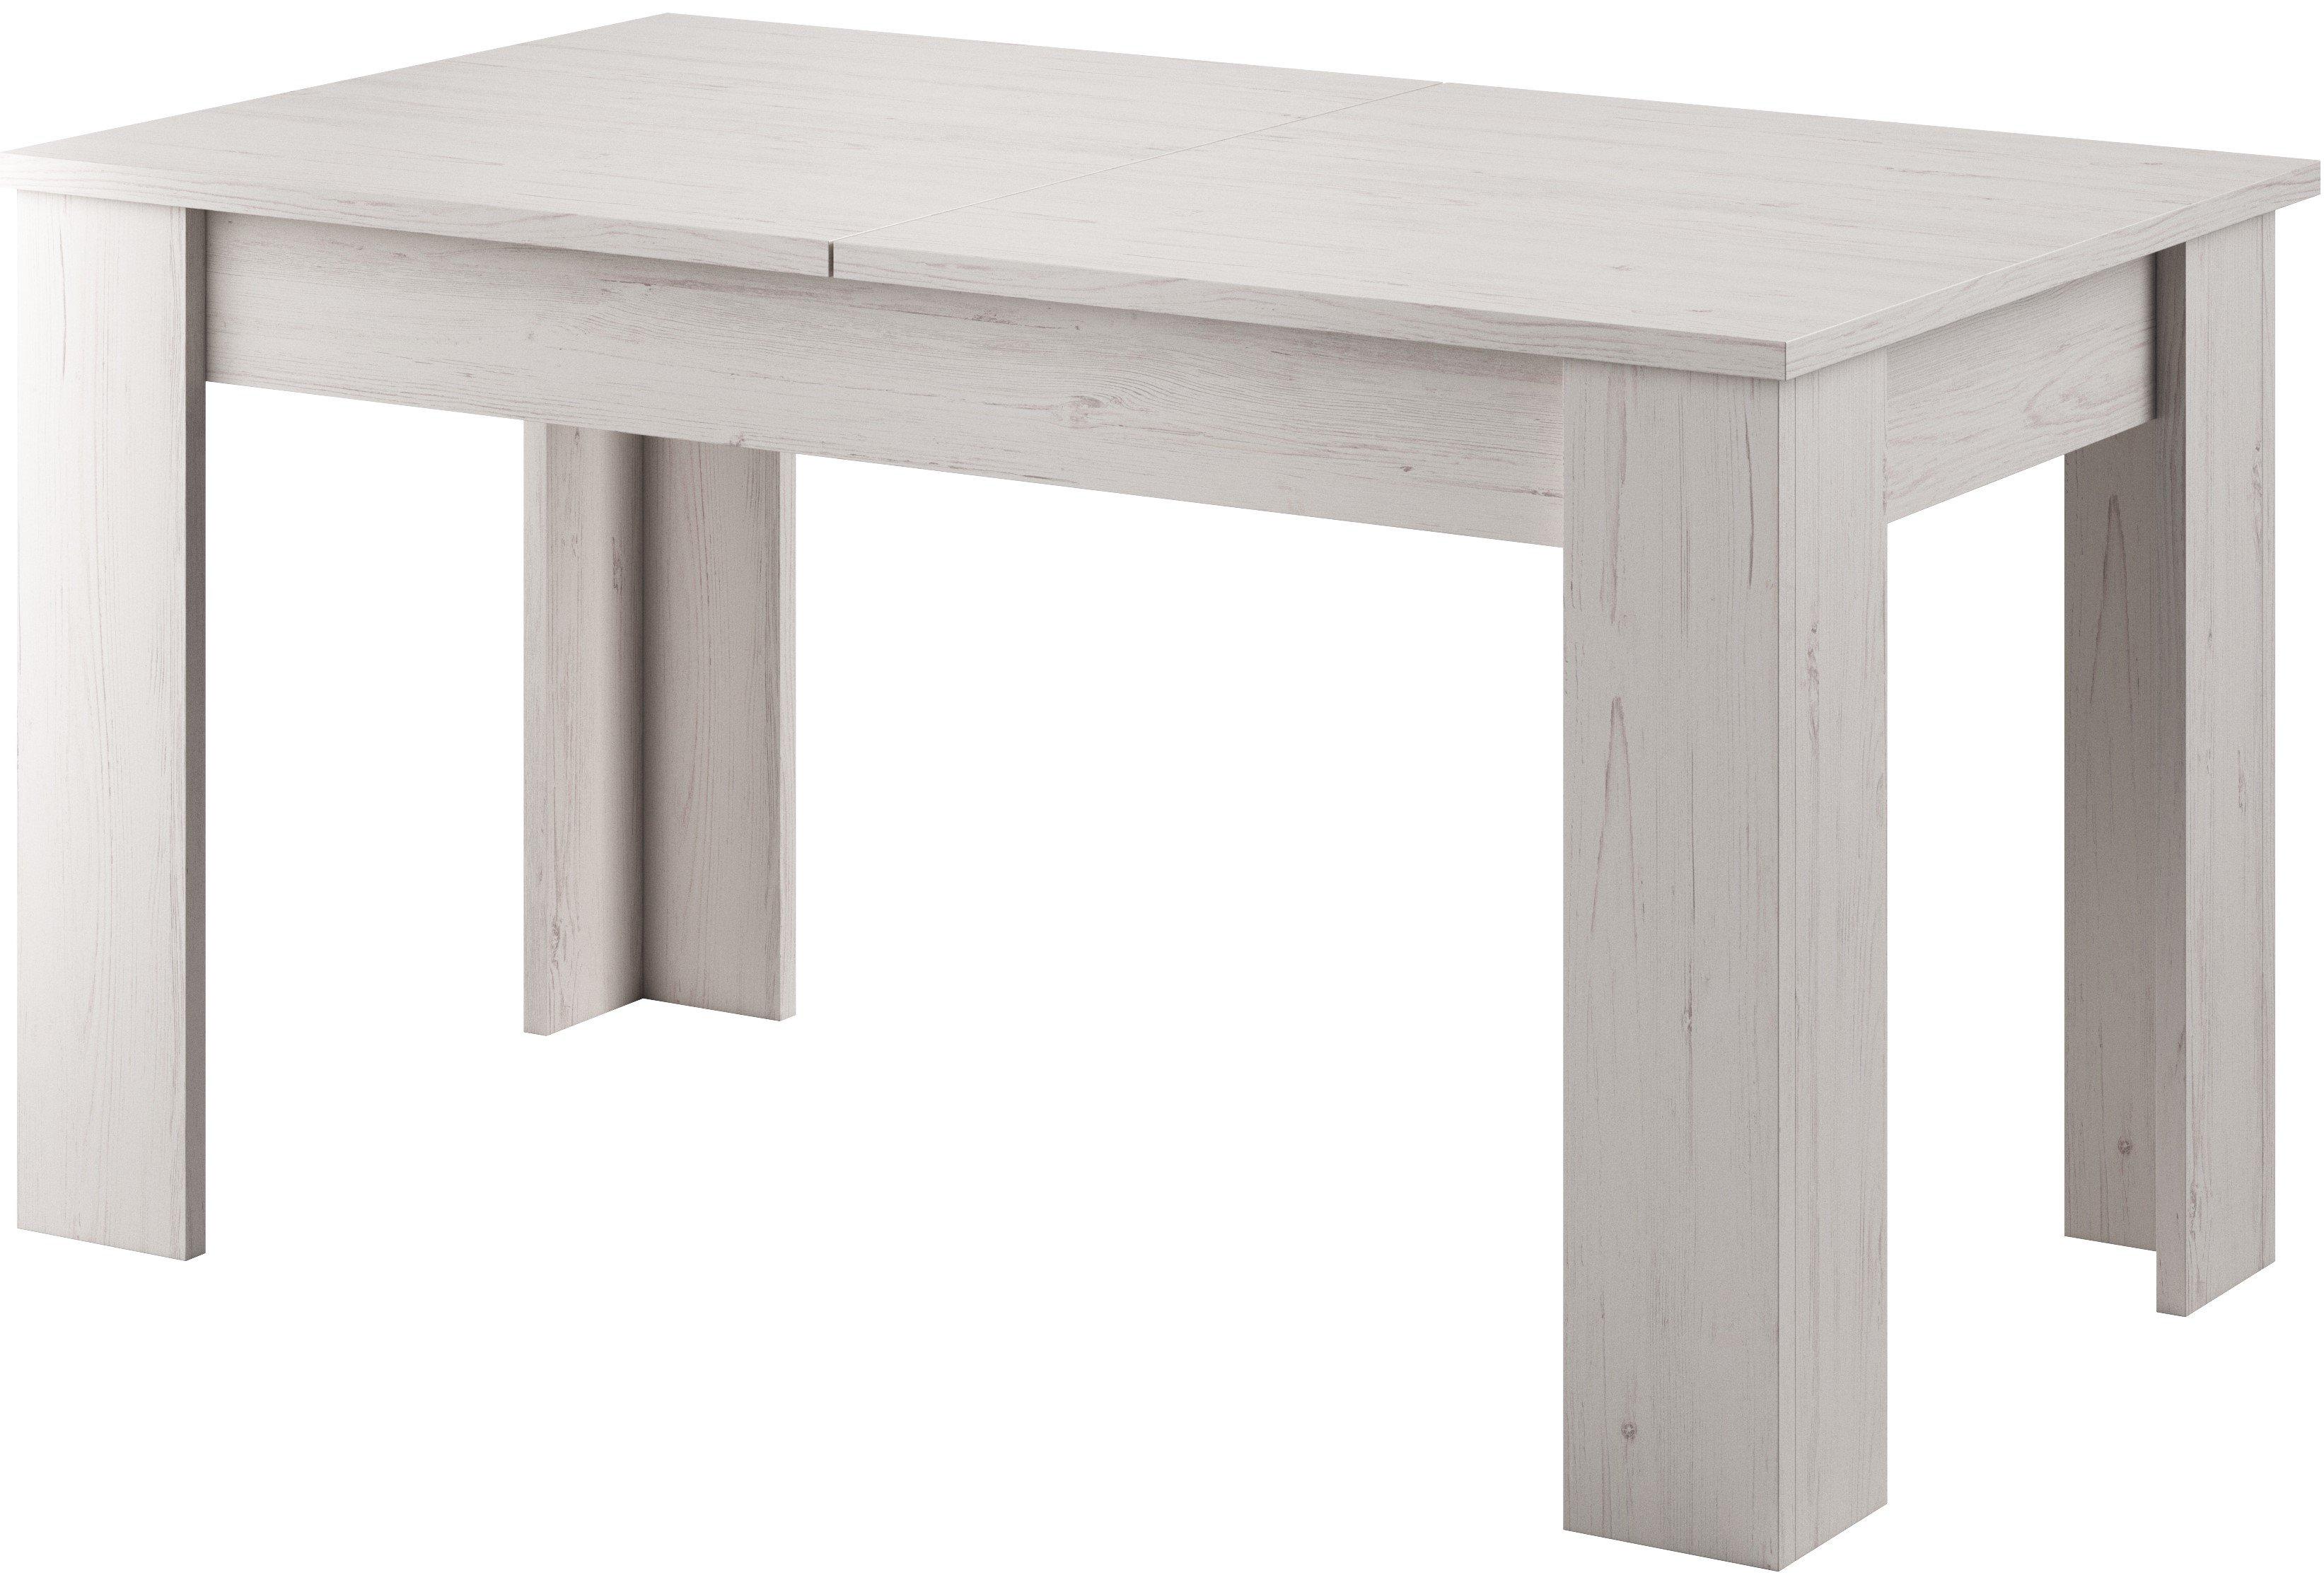 Τραπέζι Vilde επεκτεινόμενο